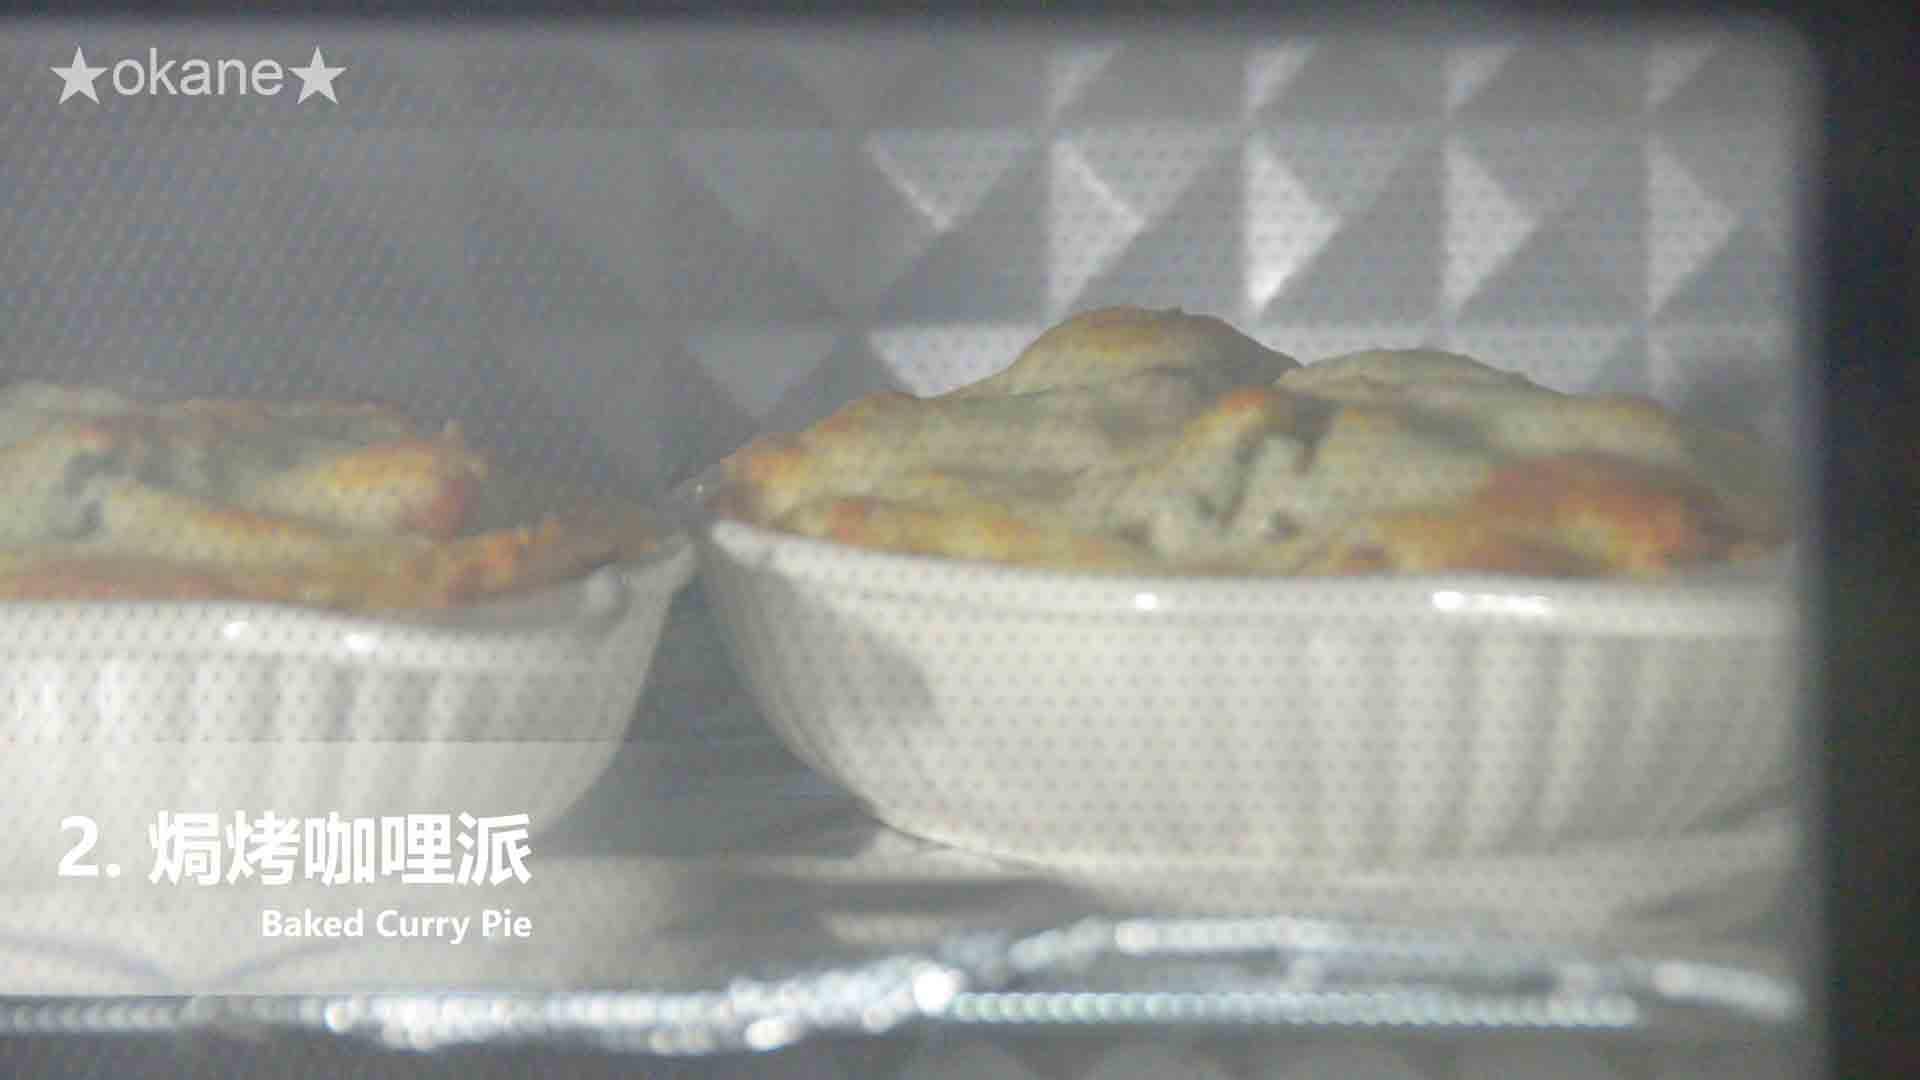 日系S&B金牌(純素)咖哩✨跨界蔬食的美味驚艷的第 32 張圖片